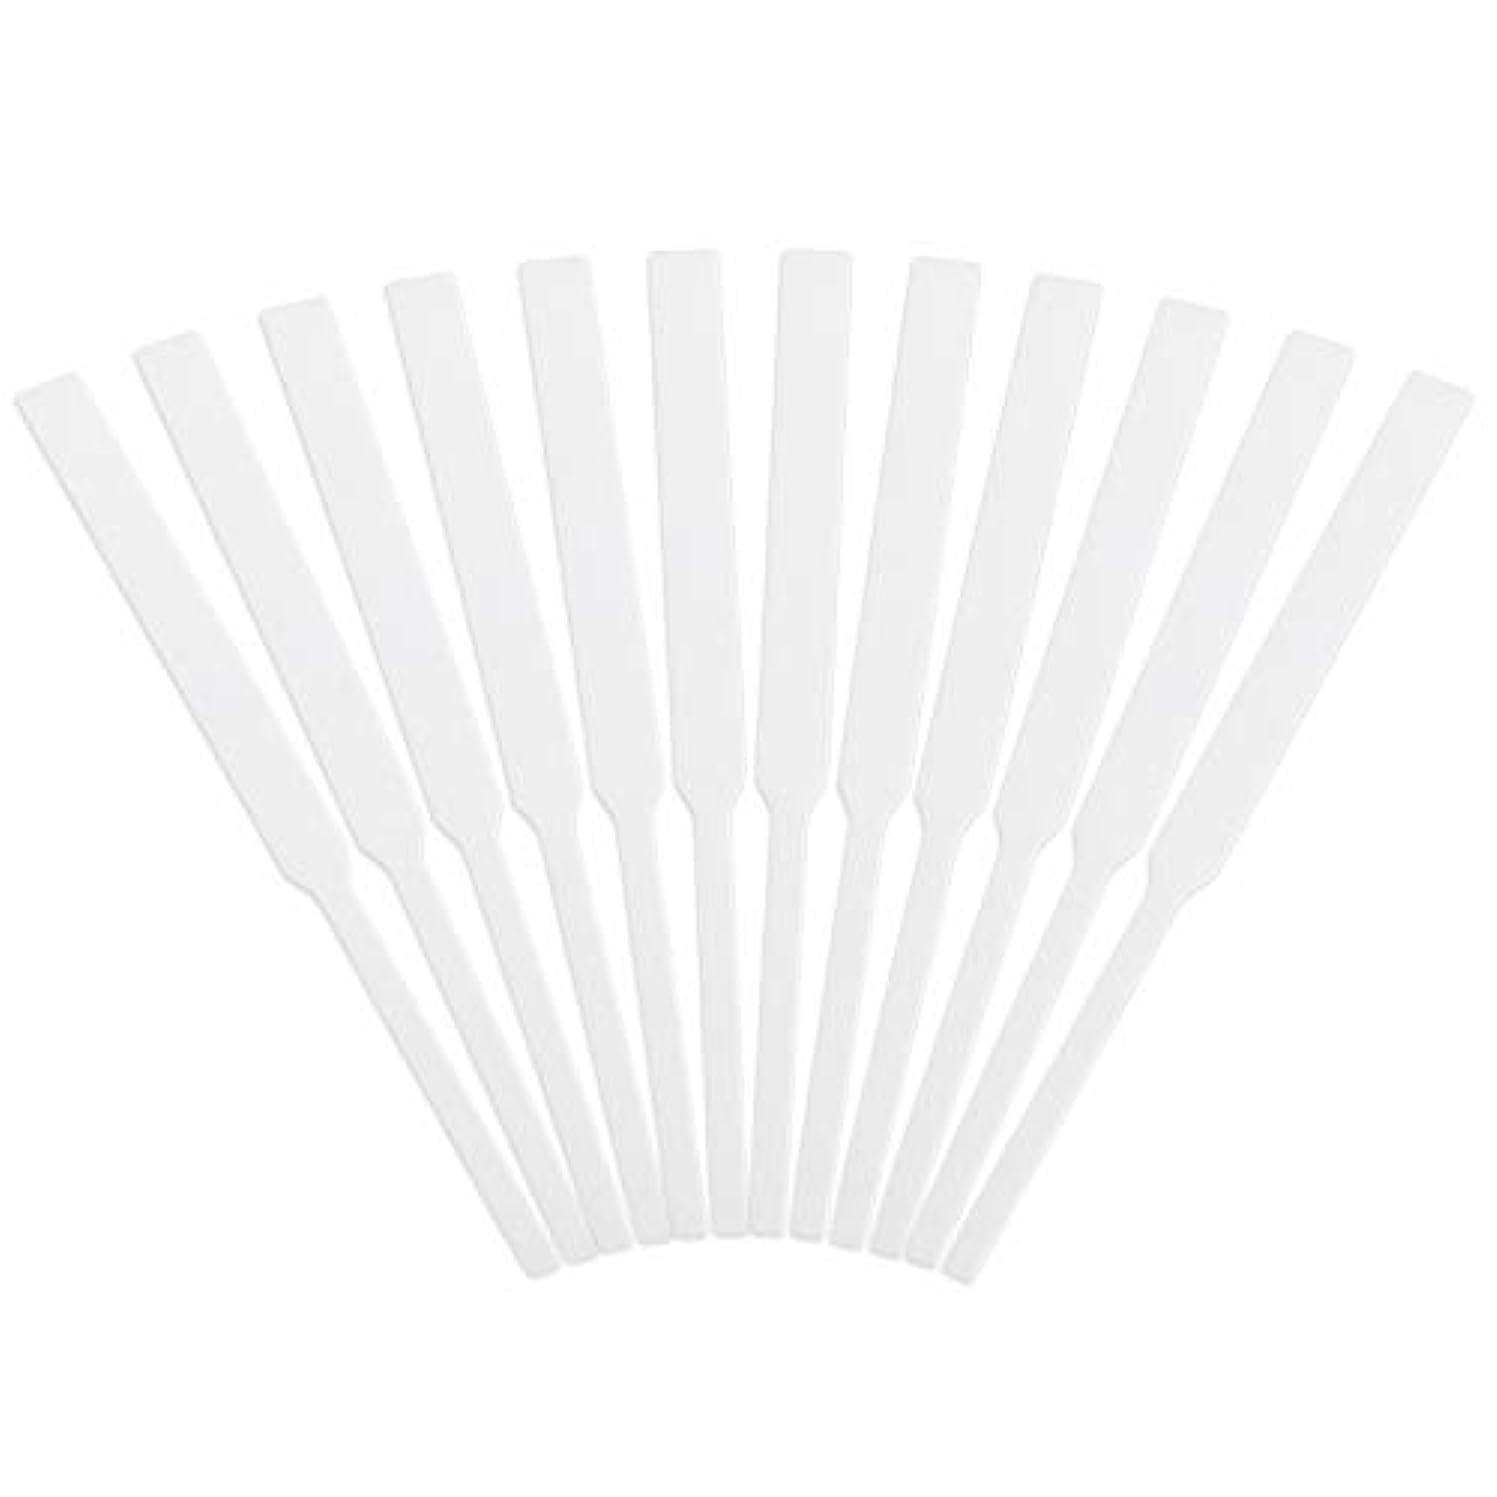 分布国旗命題テストストリップ Migavan 試験紙 香水の芳香の芳香療法の精油をテストするための300PCS 130x12mmテストペーパーストリップ